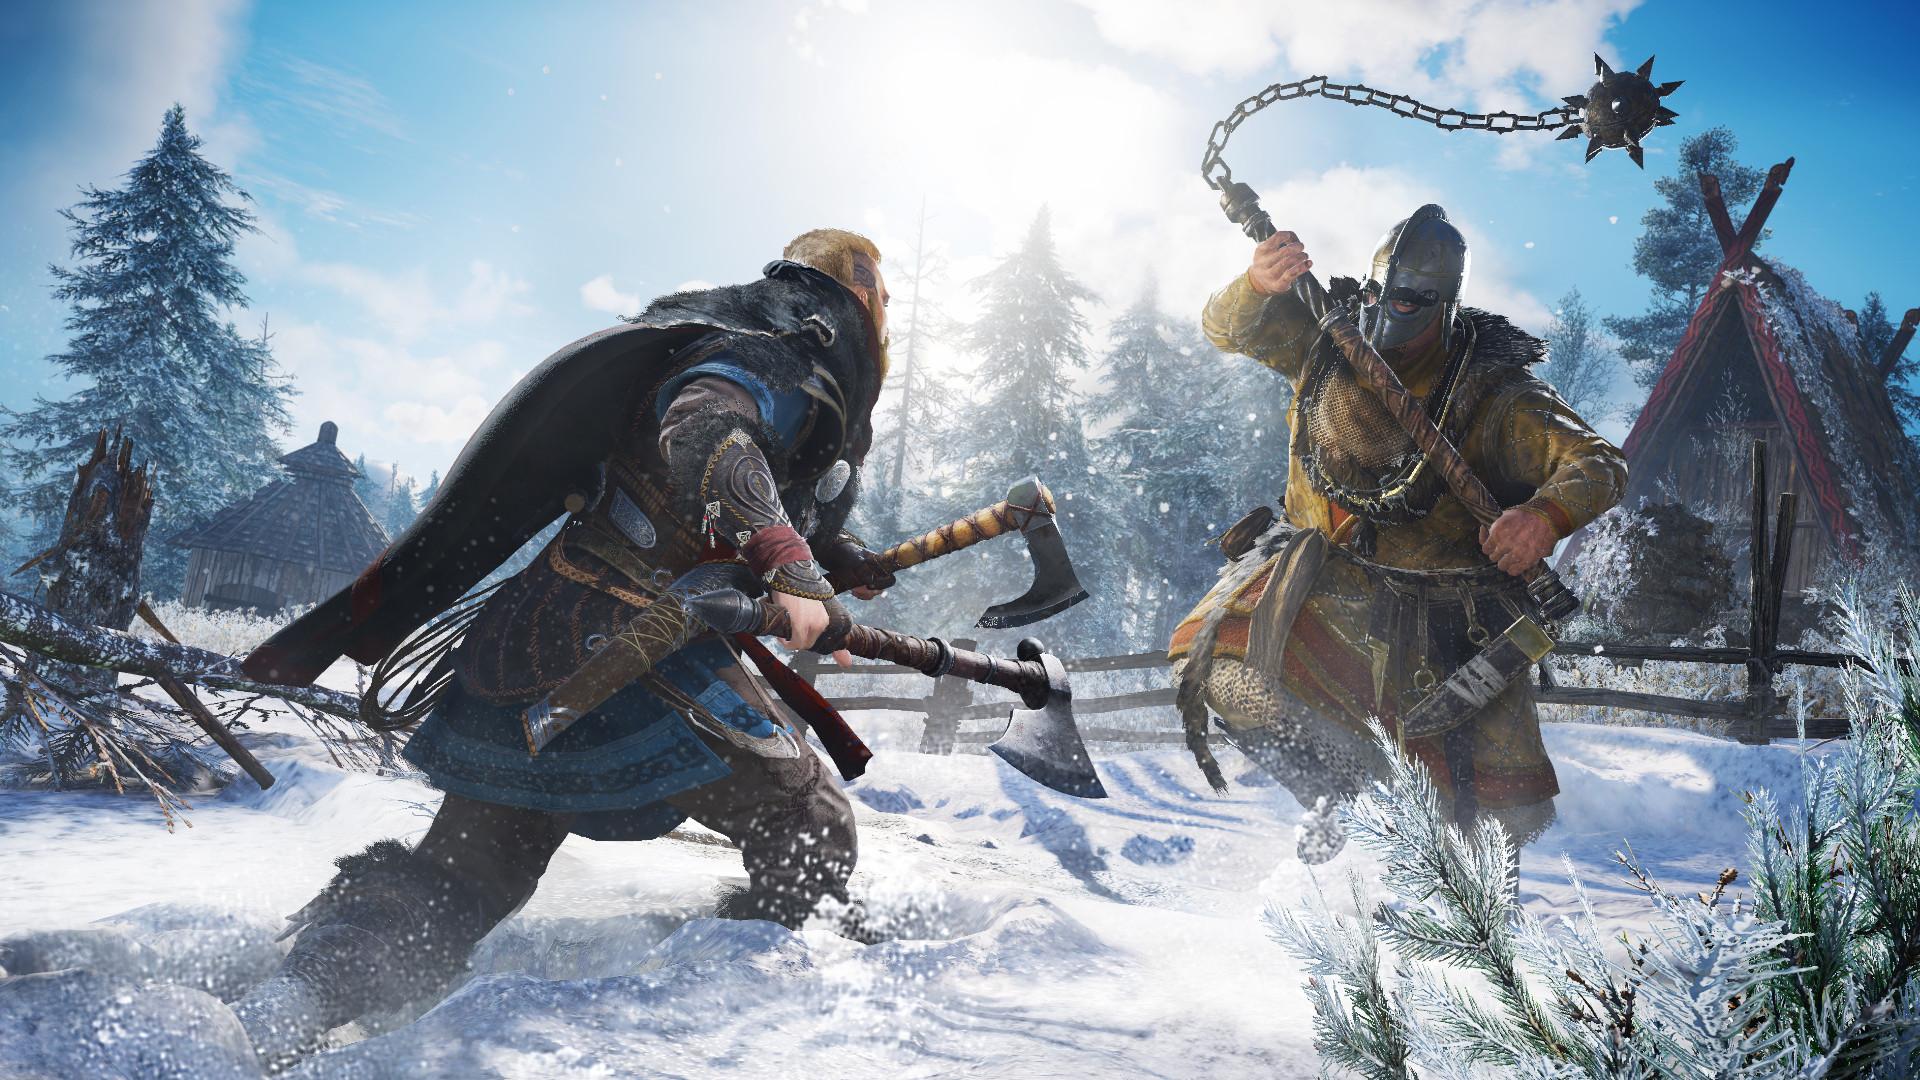 assassins-creed-valhalla-gameplay-leak